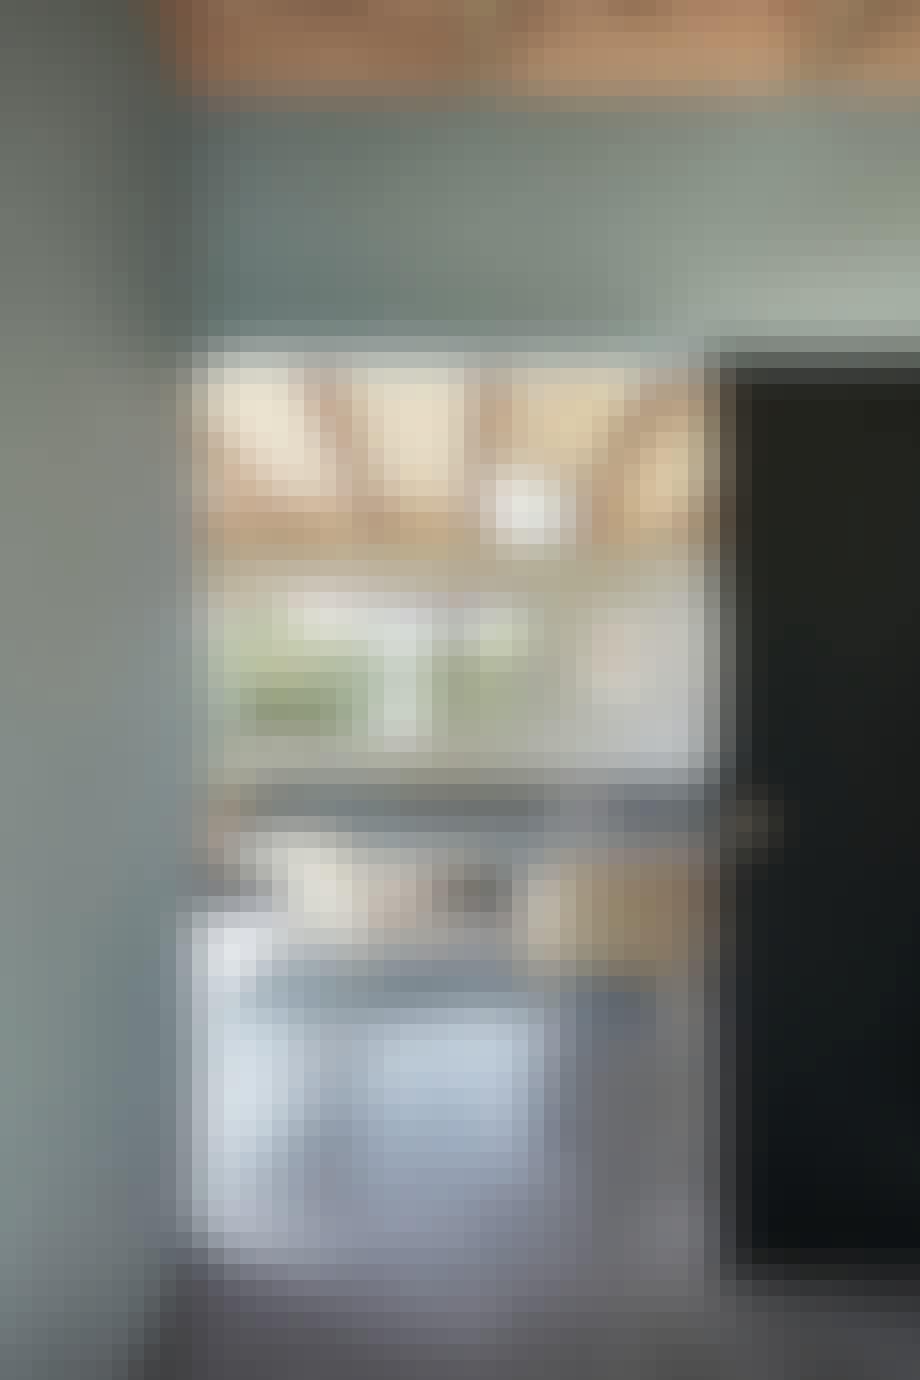 Et kig ind i stuen